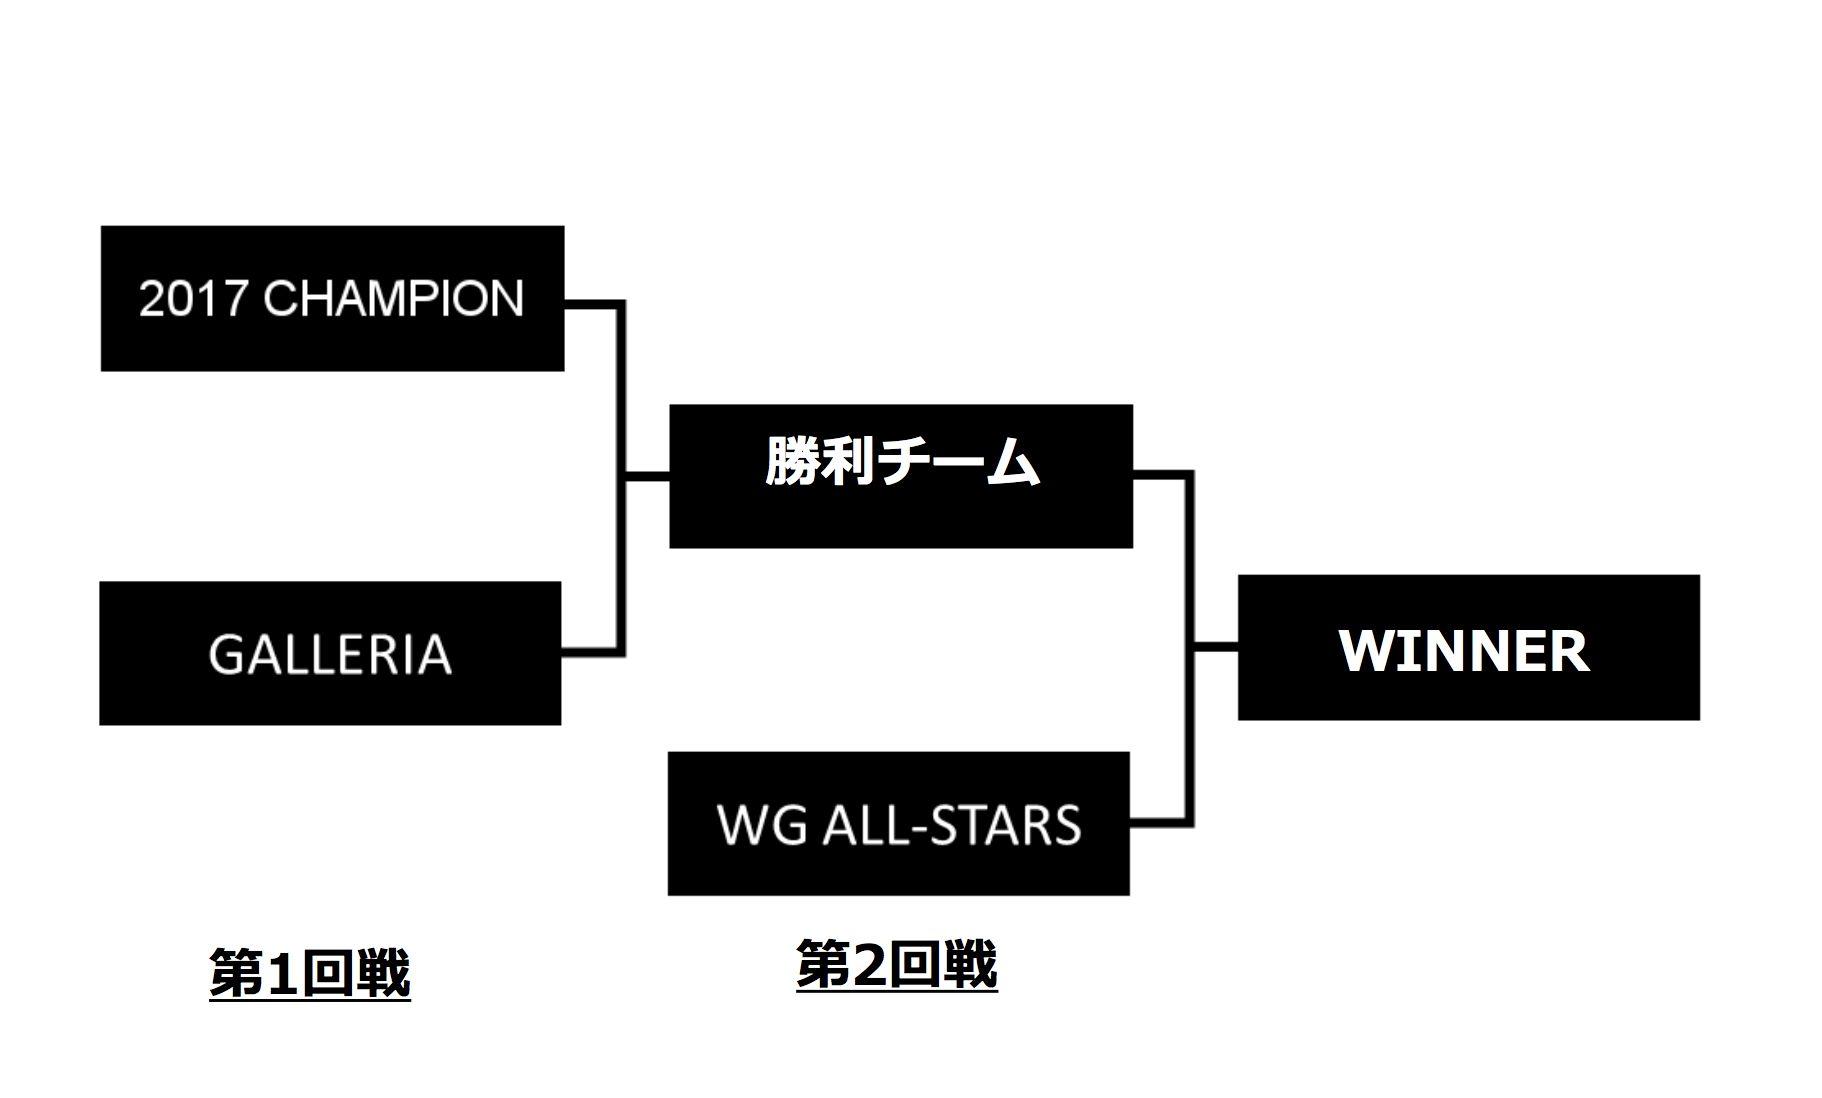 トーナメントを制したチームはこのチャレンジカップへと進める。2連覇王者であるチームGALLERIAへ挑むことができそしてその勝者がWargamingの精鋭達と戦うことができるのだ